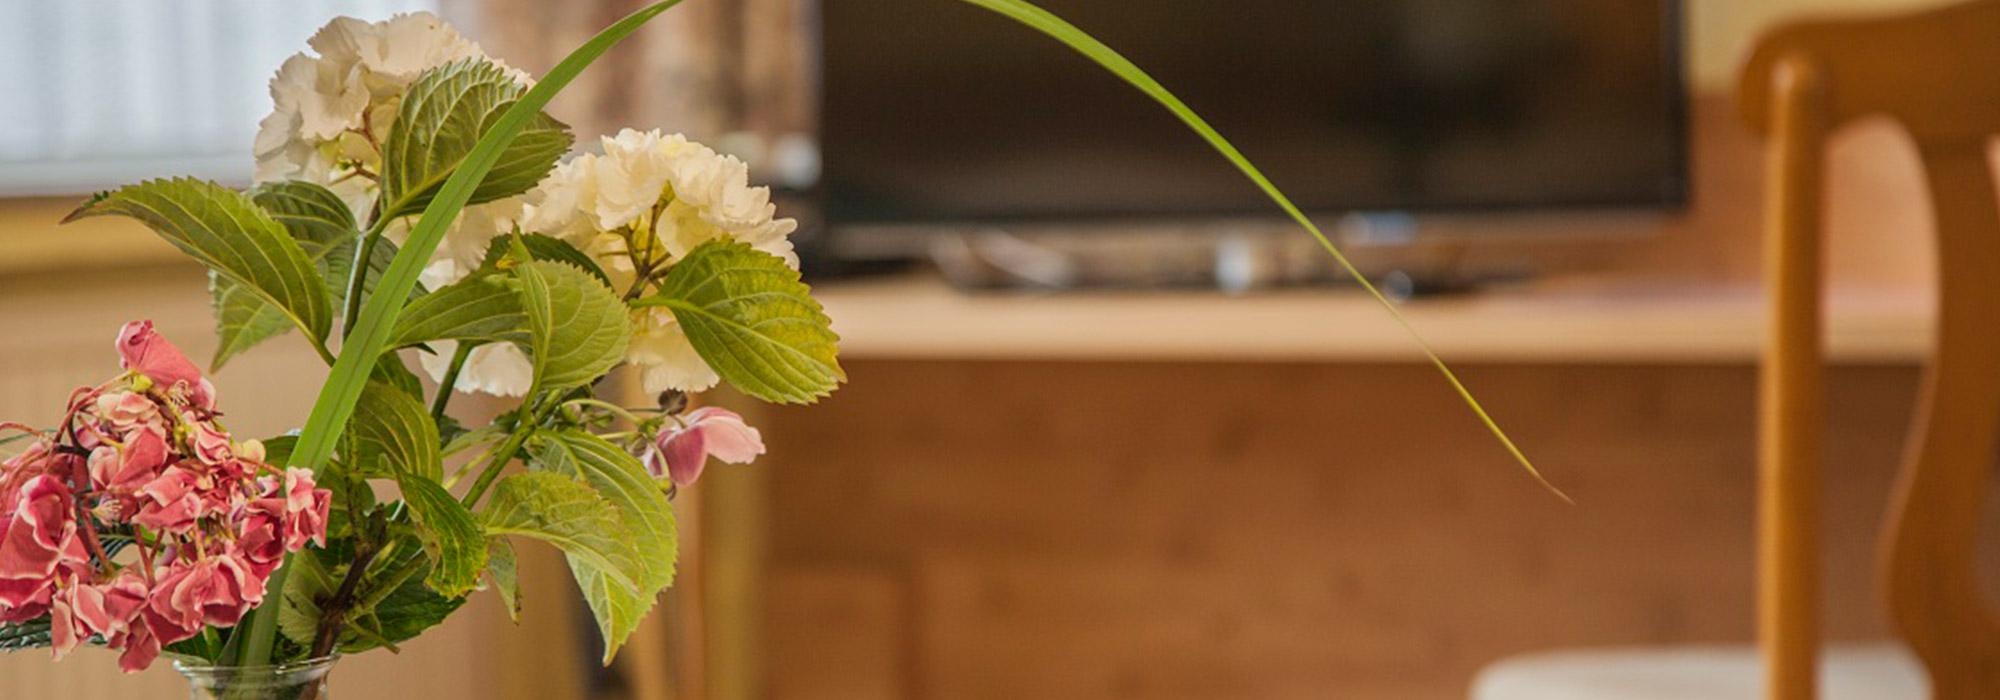 GutHoeing_Zimmer-mit-Blumen